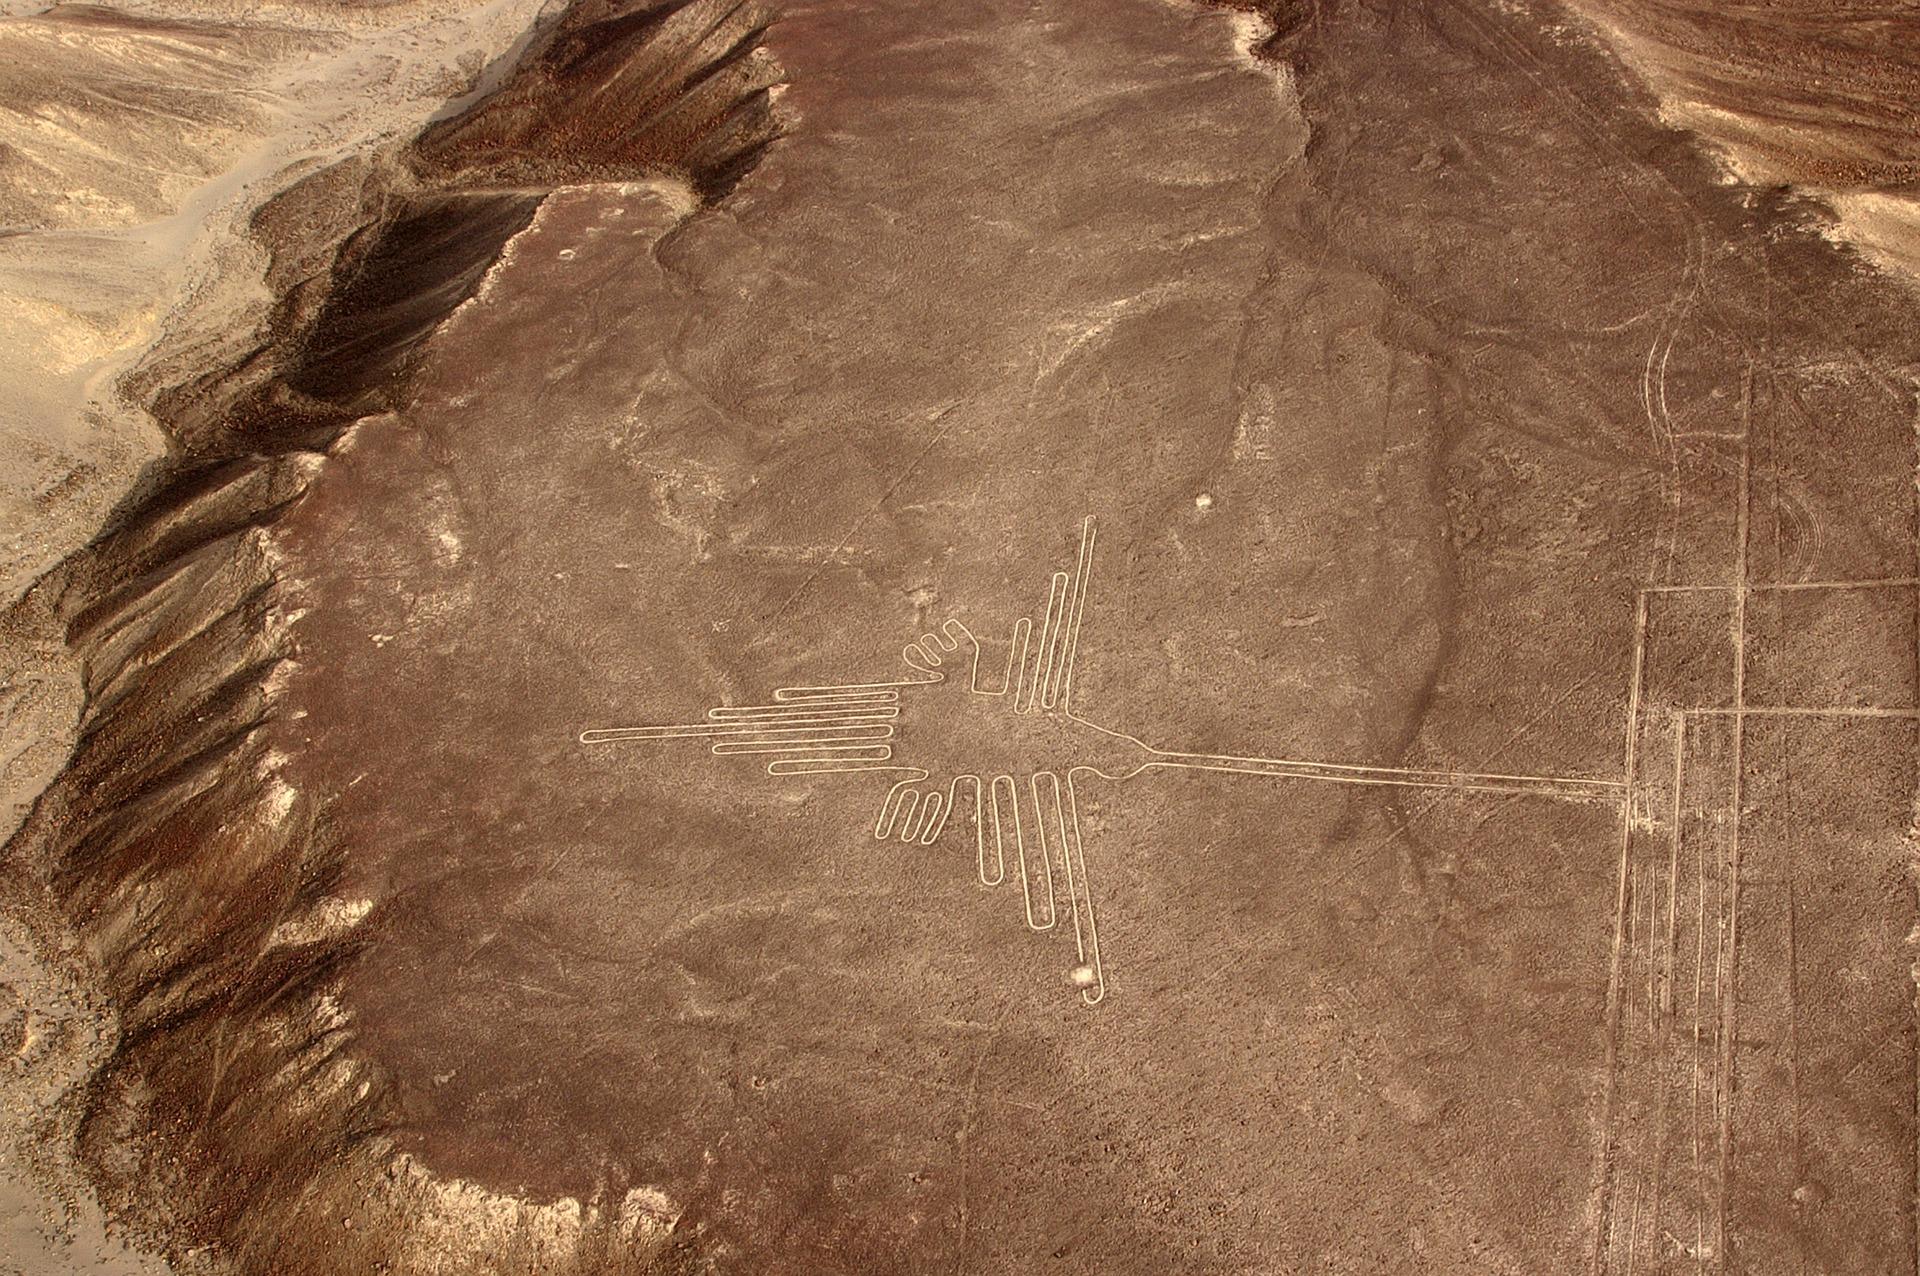 Nazca, peru, nazca lines, the flight blog, aerial, aerial photography